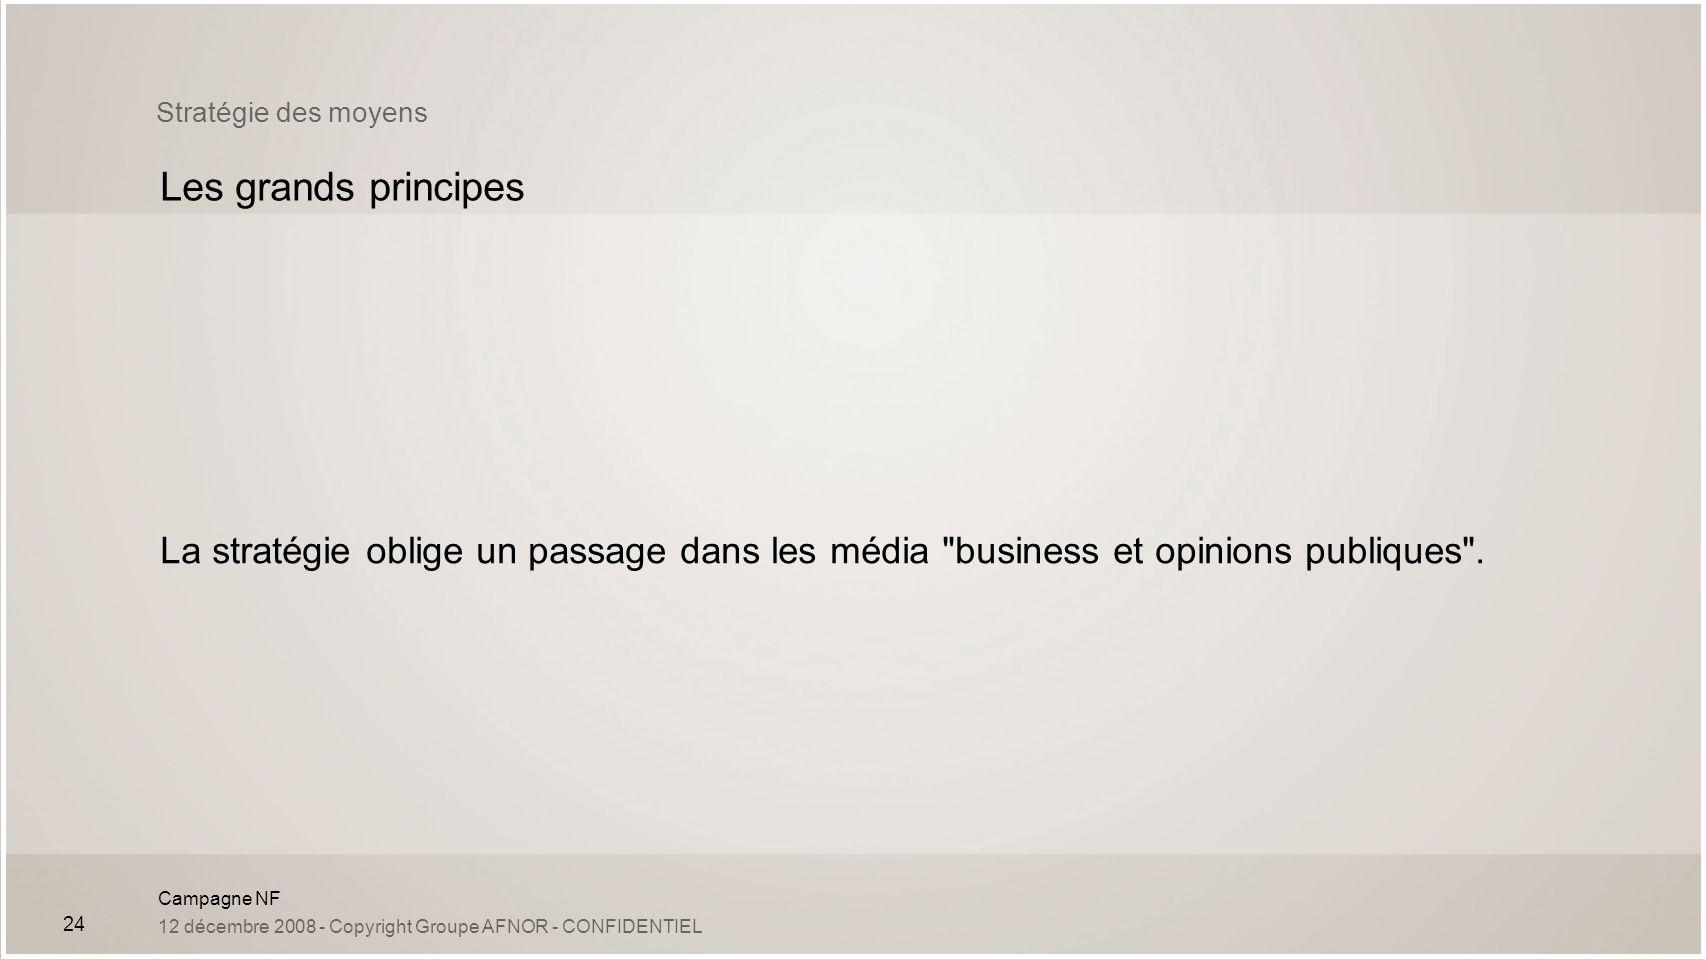 Stratégie des moyens Les grands principes.